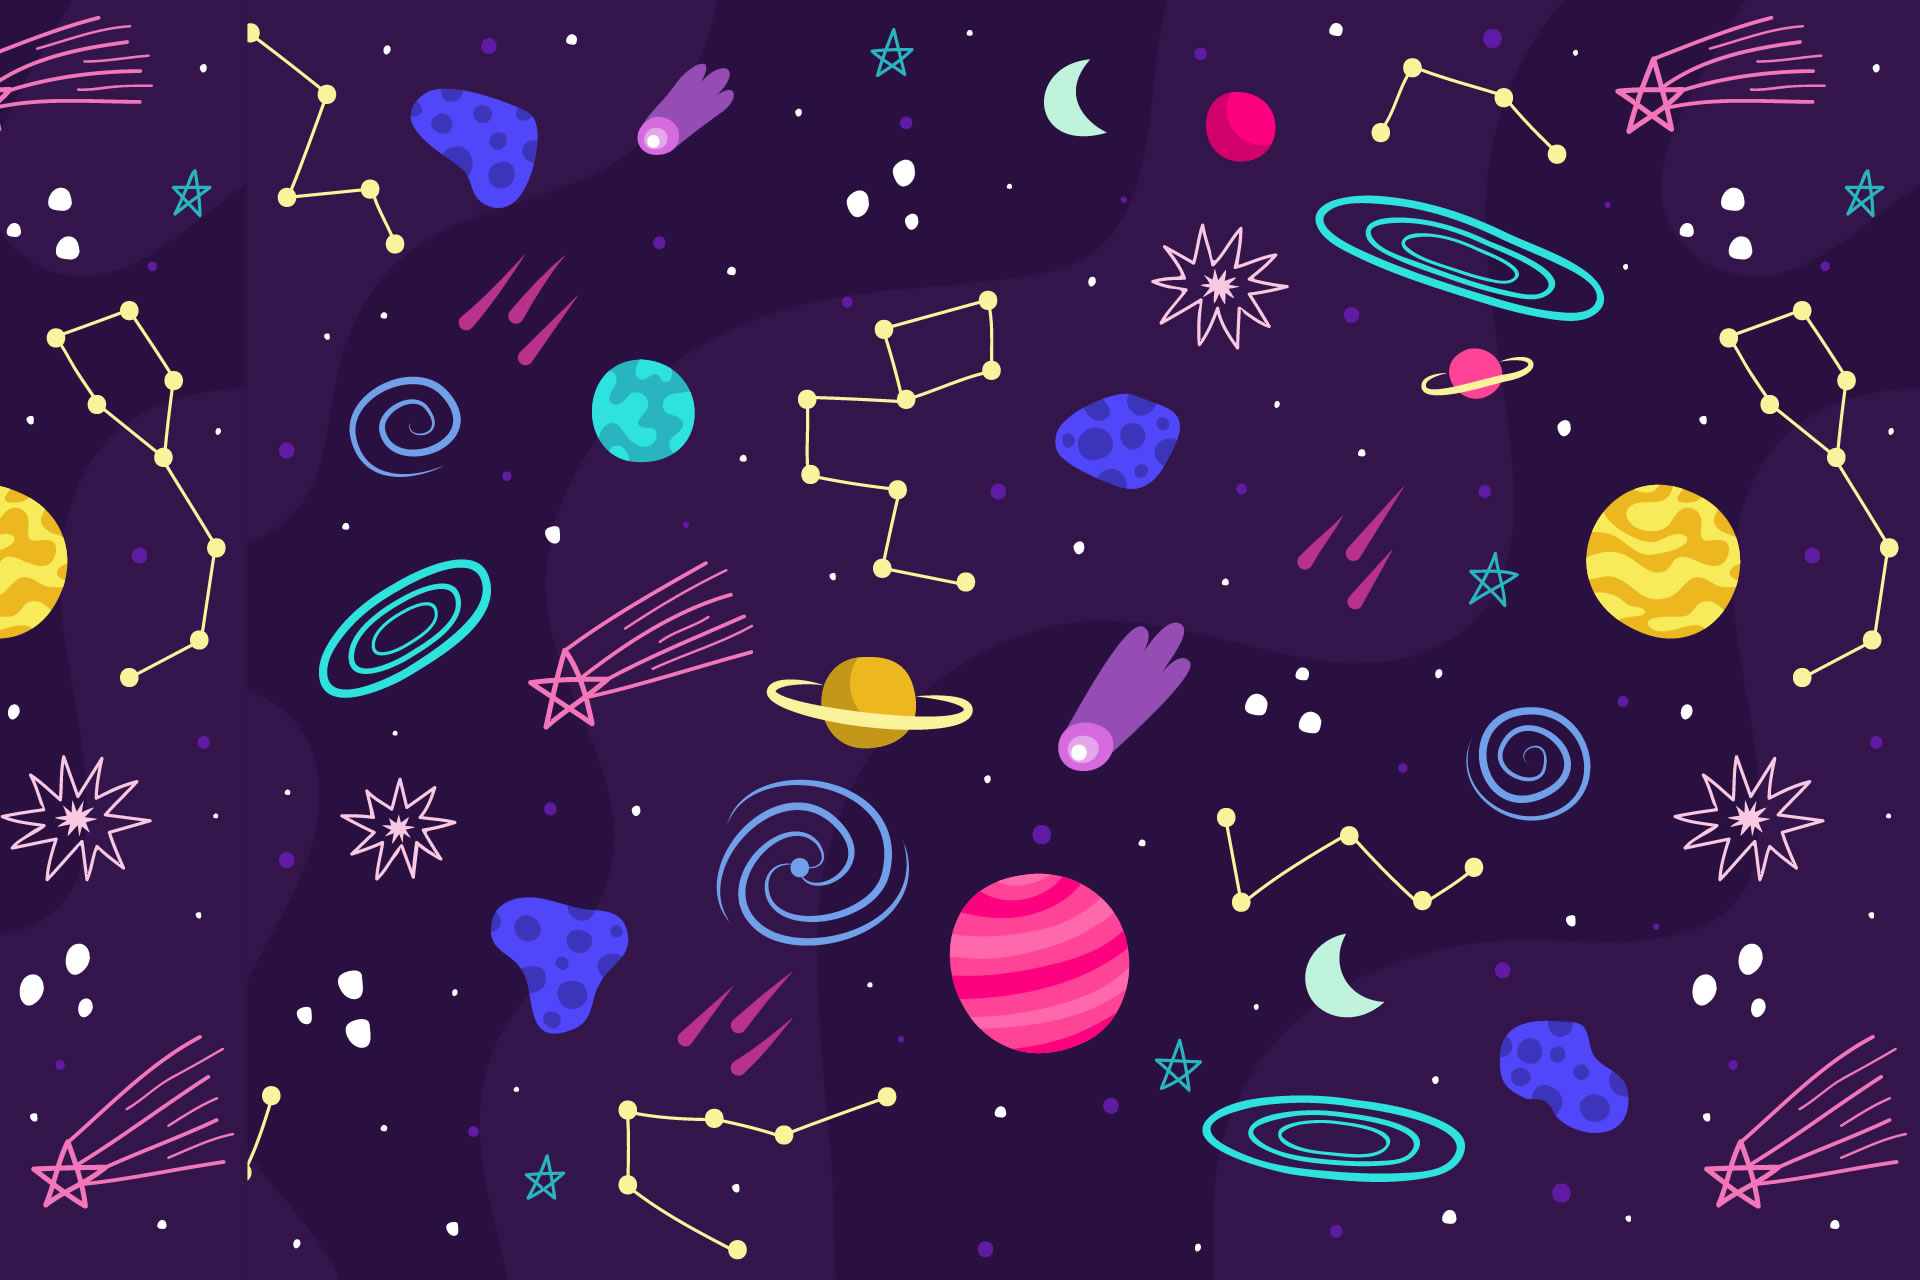 ¿Cómo imaginas la educación del futuro? ¡Envía tu mensaje al espacio!